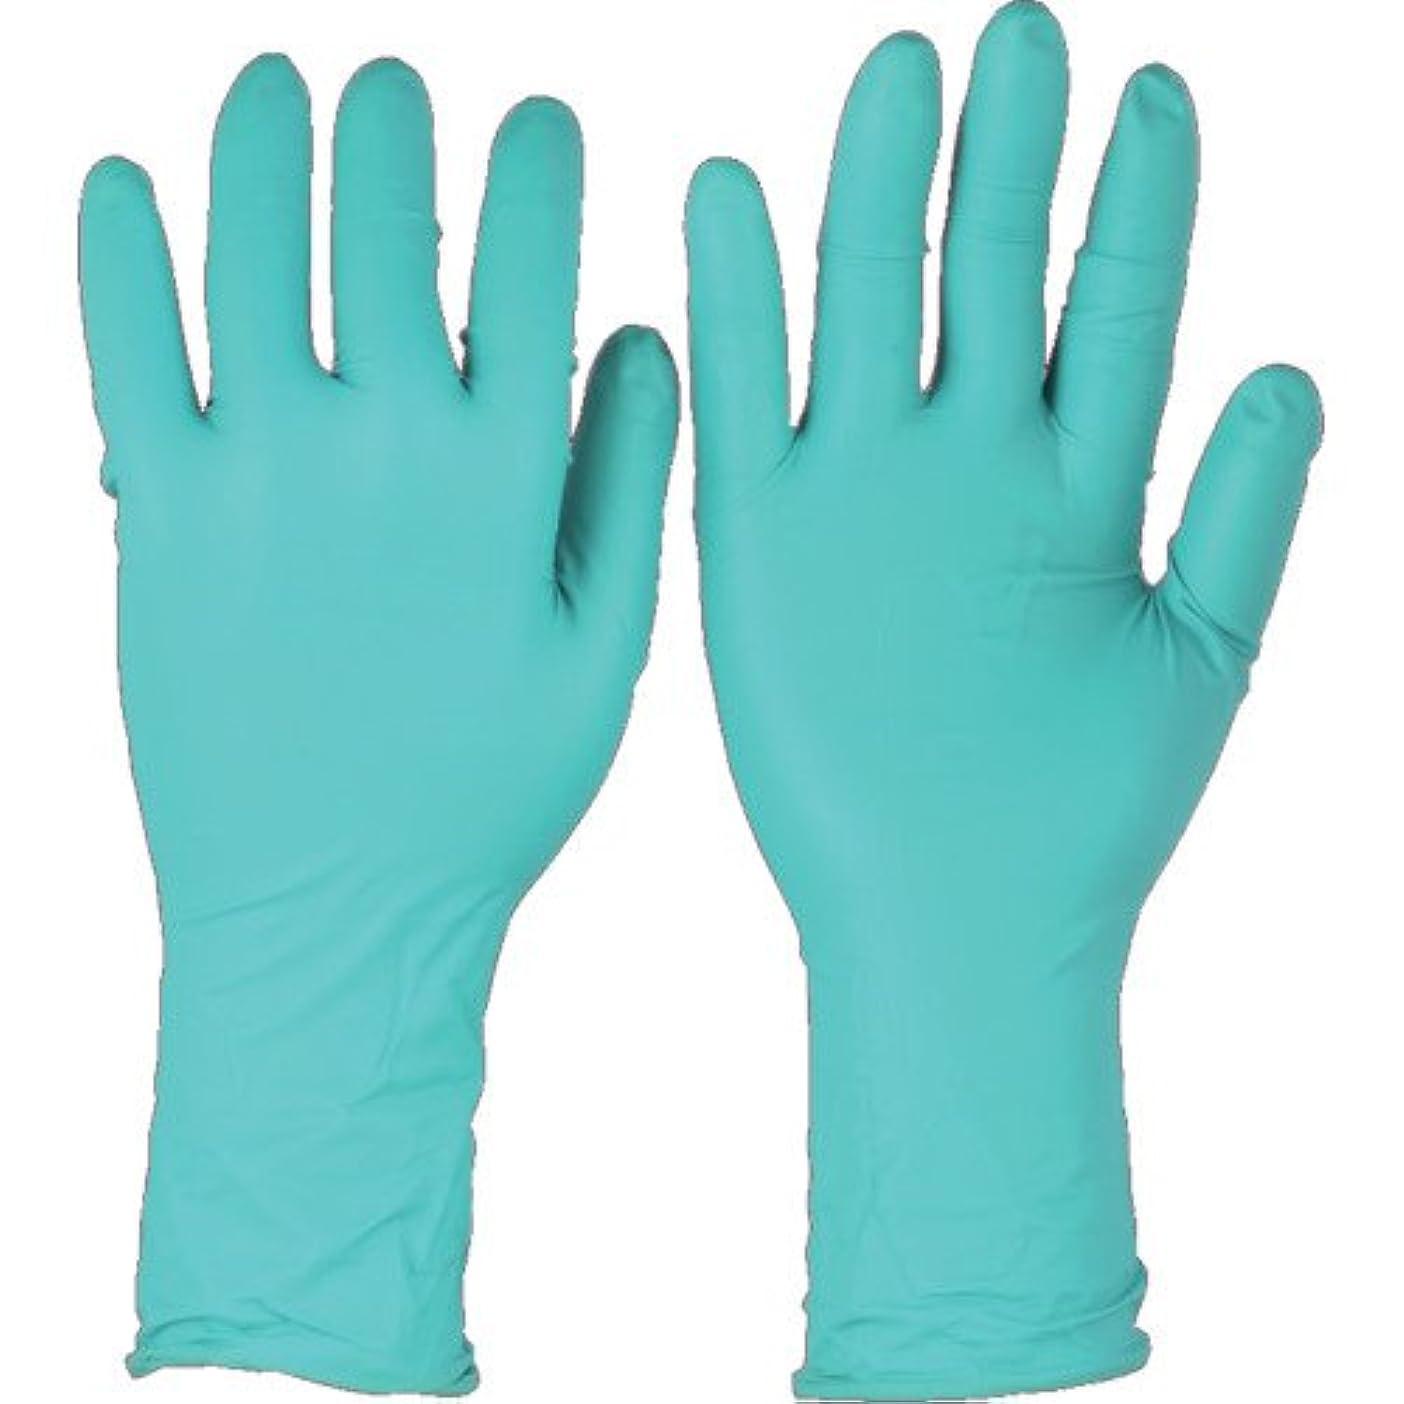 失業矛盾する好色なトラスコ中山 アンセル ネオプレンゴム使い捨て手袋 マイクロフレックス 93-260 Lサイズ (50枚入)  932609